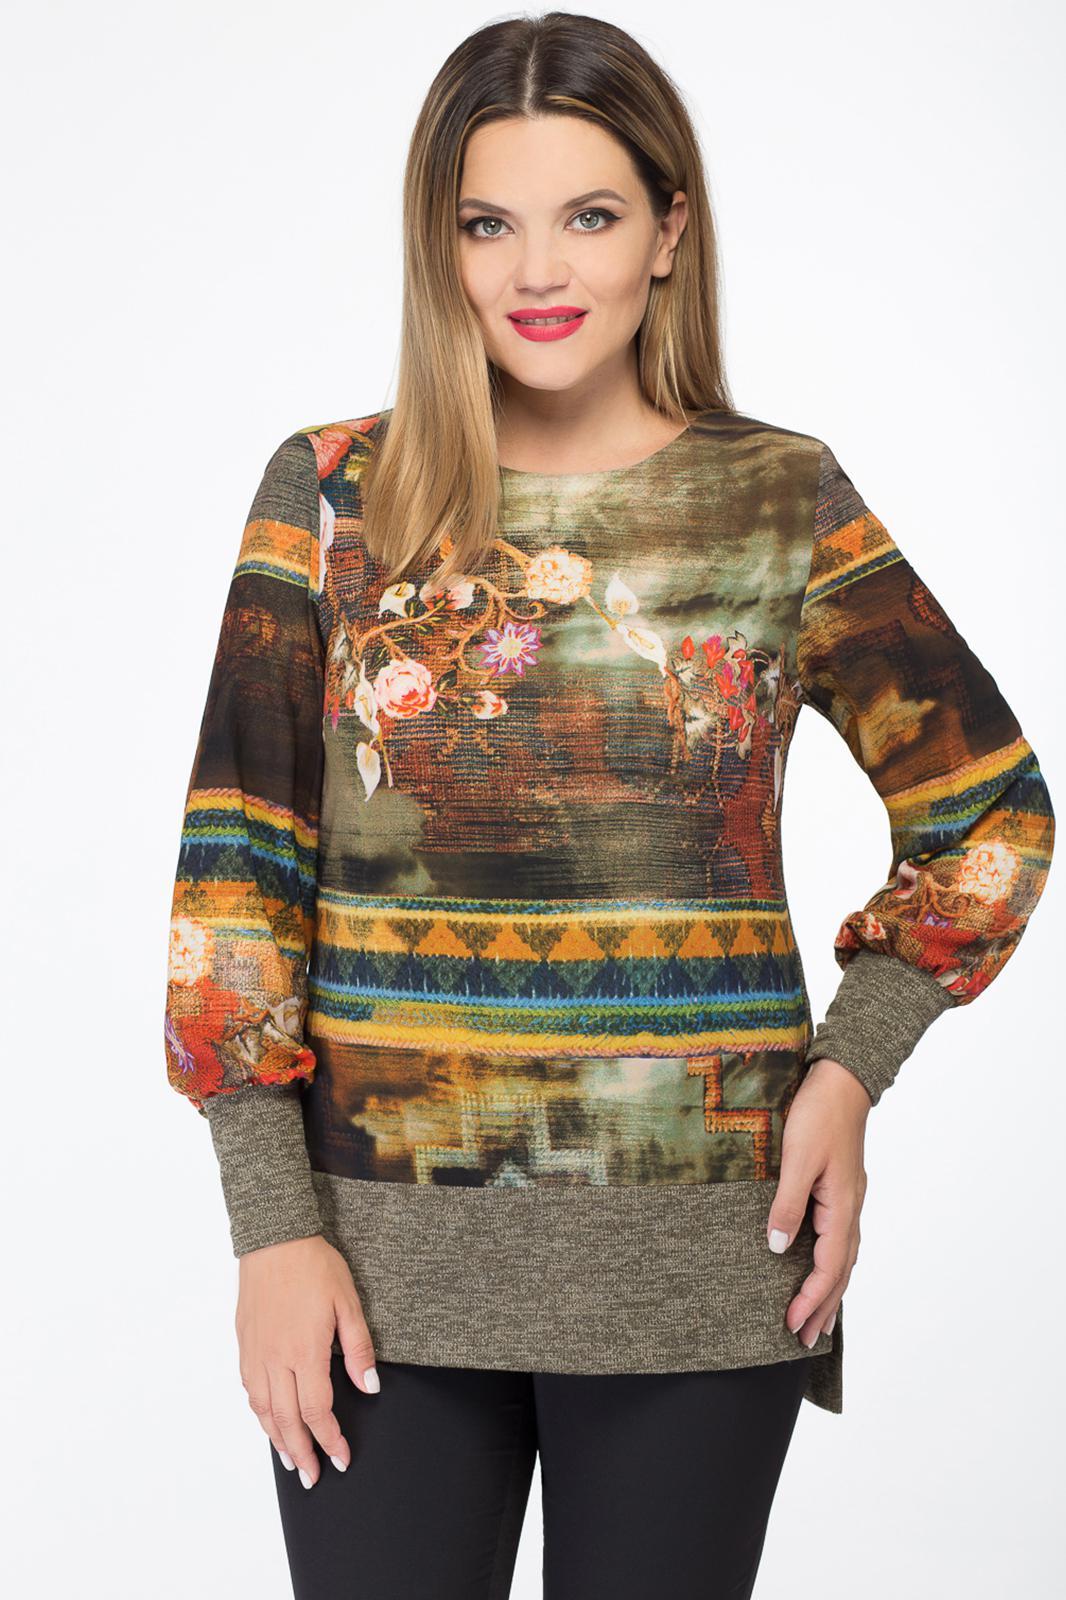 Купить Кофта Дали, 3286 олива, Беларусь